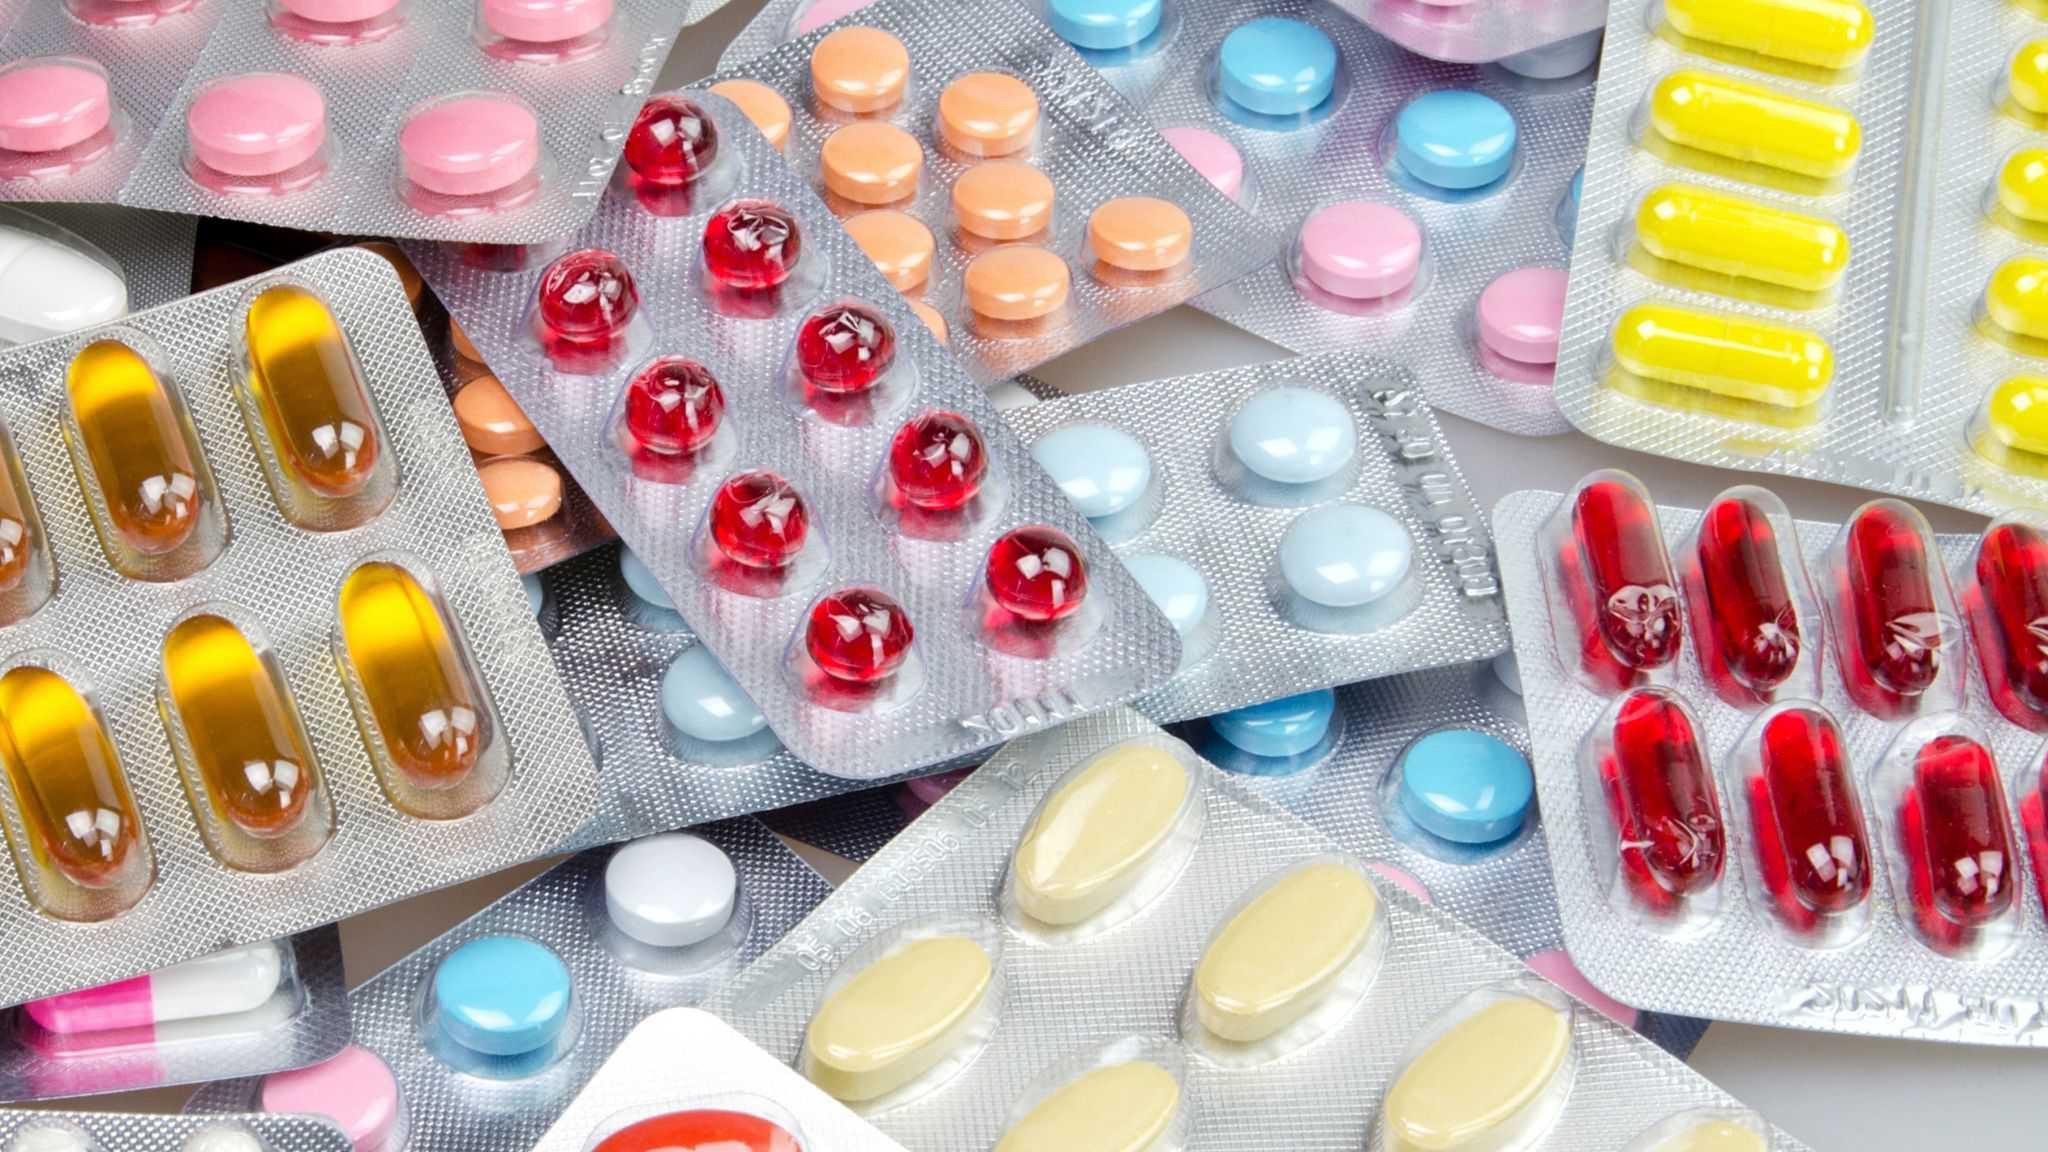 كيف تنظم تناول جرعات الدواء الخاصة بك في شهر رمضان موقع مارشميلو مام Marshmallow Mom